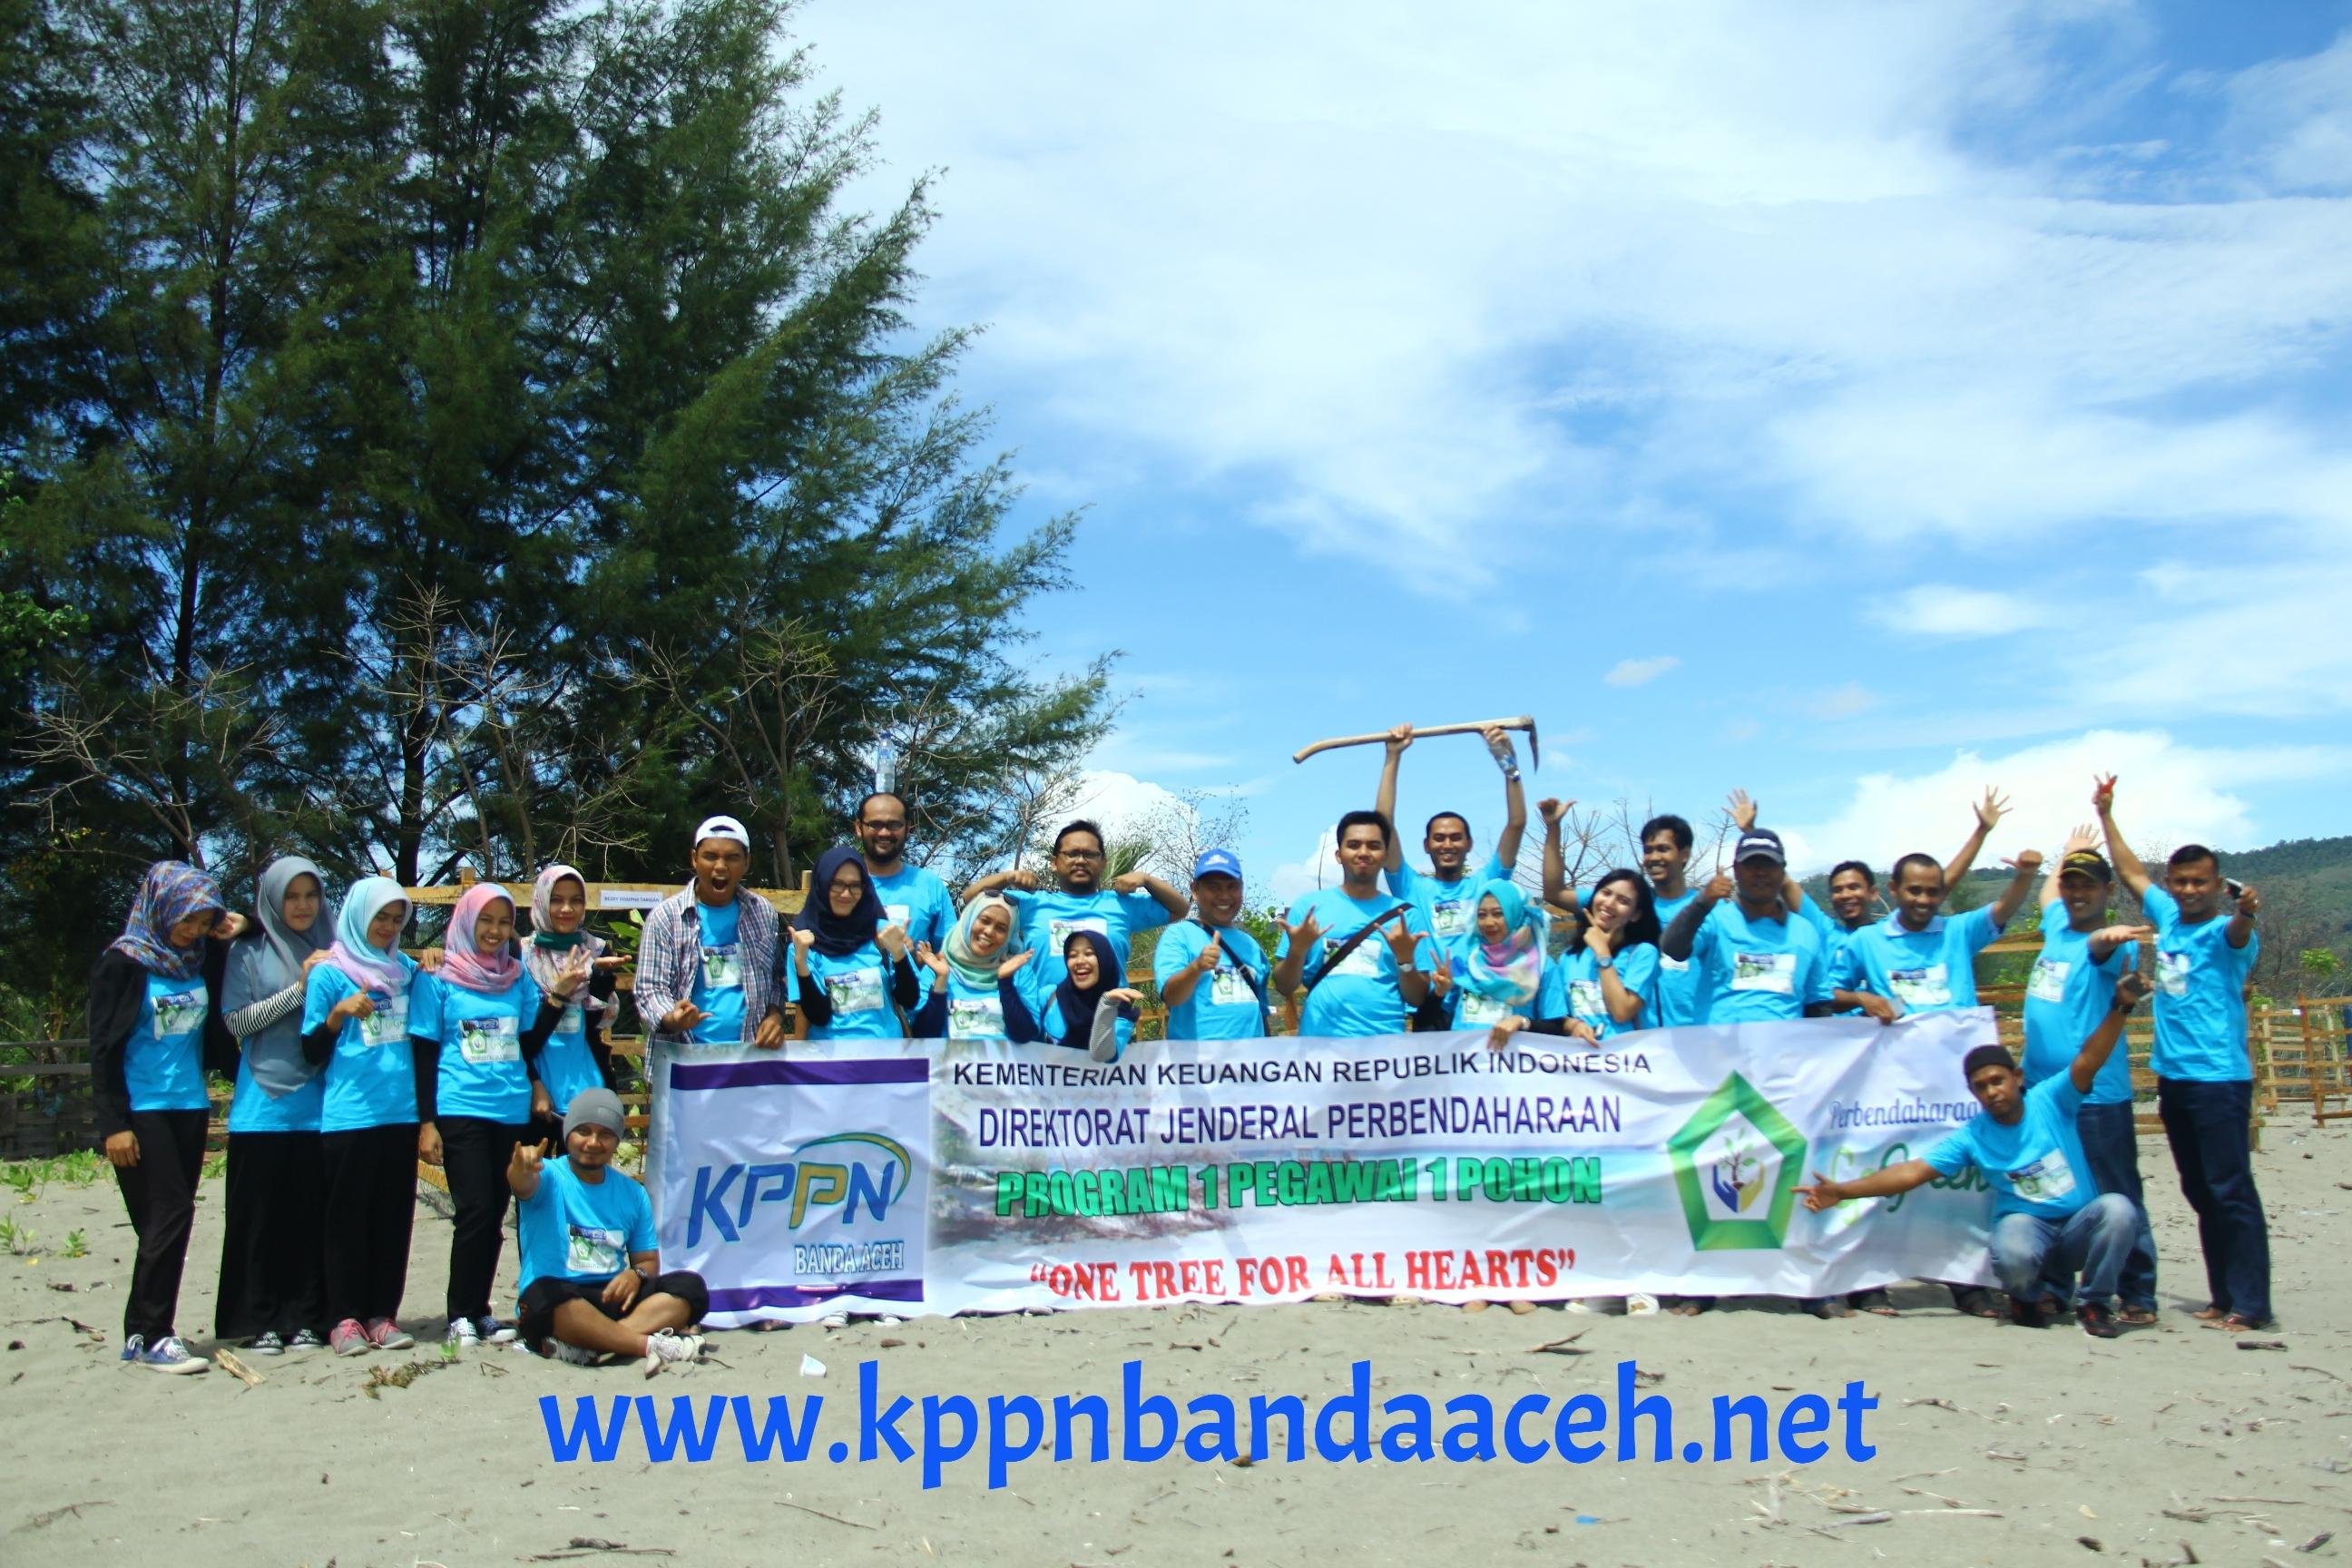 Berita Kppn Banda Aceh Kantor Pelayanan Perbendaharaan Negara Djpb Kemenkeu Ri Perbendaharaan Kementerian Keuangan Ri